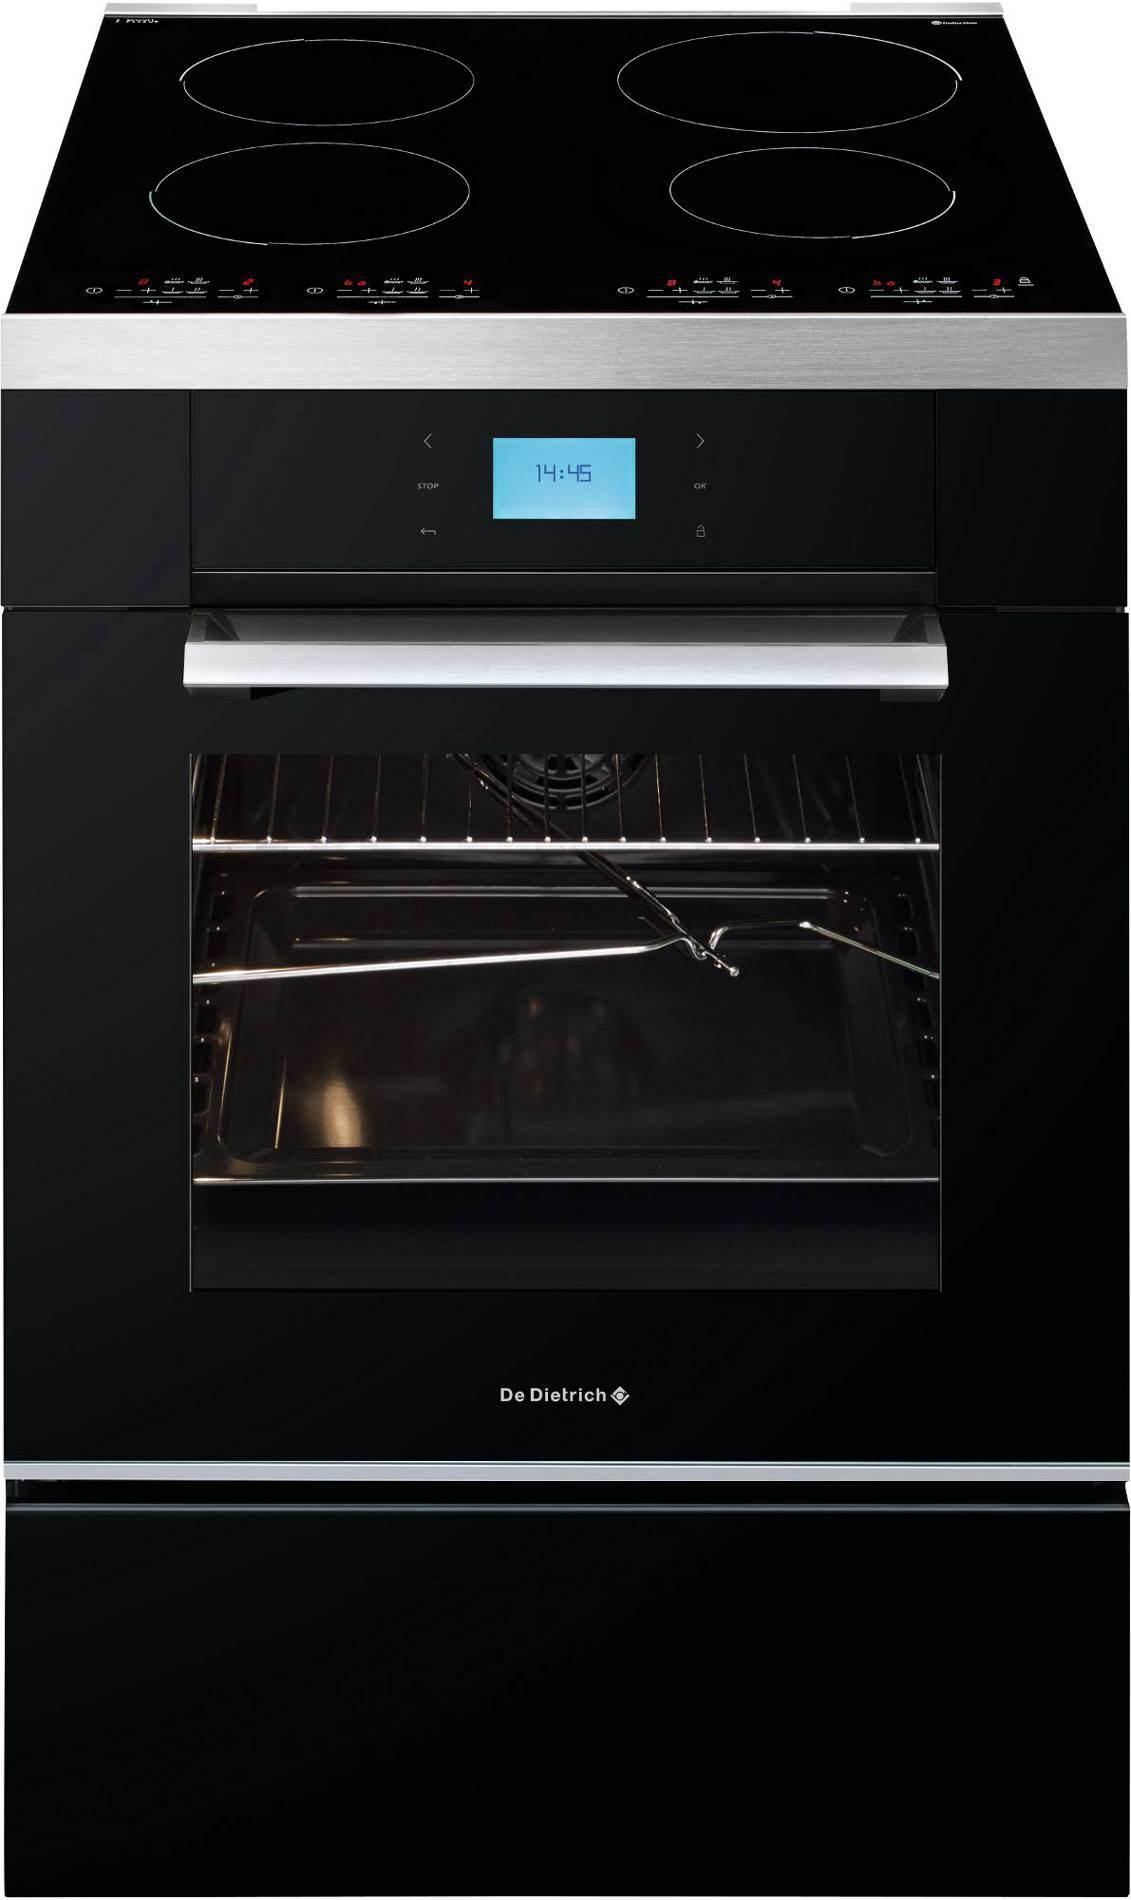 cuisinire induction de dietrich dci1594b garanti 5 ans. Black Bedroom Furniture Sets. Home Design Ideas